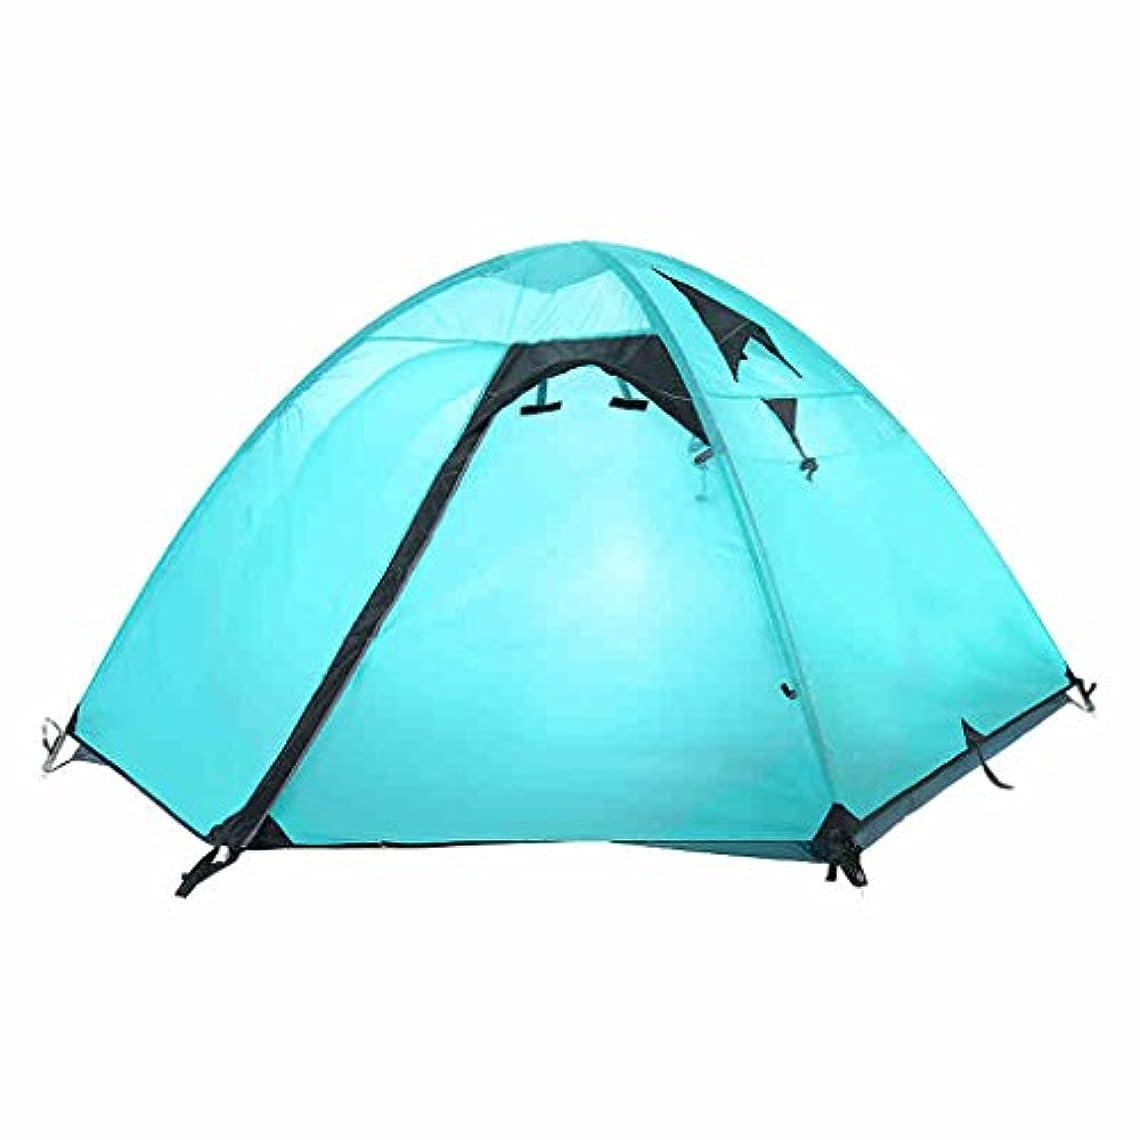 加速するタイトルビジョンアウトドア3-4人のテント2層のキャンプ屋外雨のテントのスーツ のテント (色 : Blue glass)